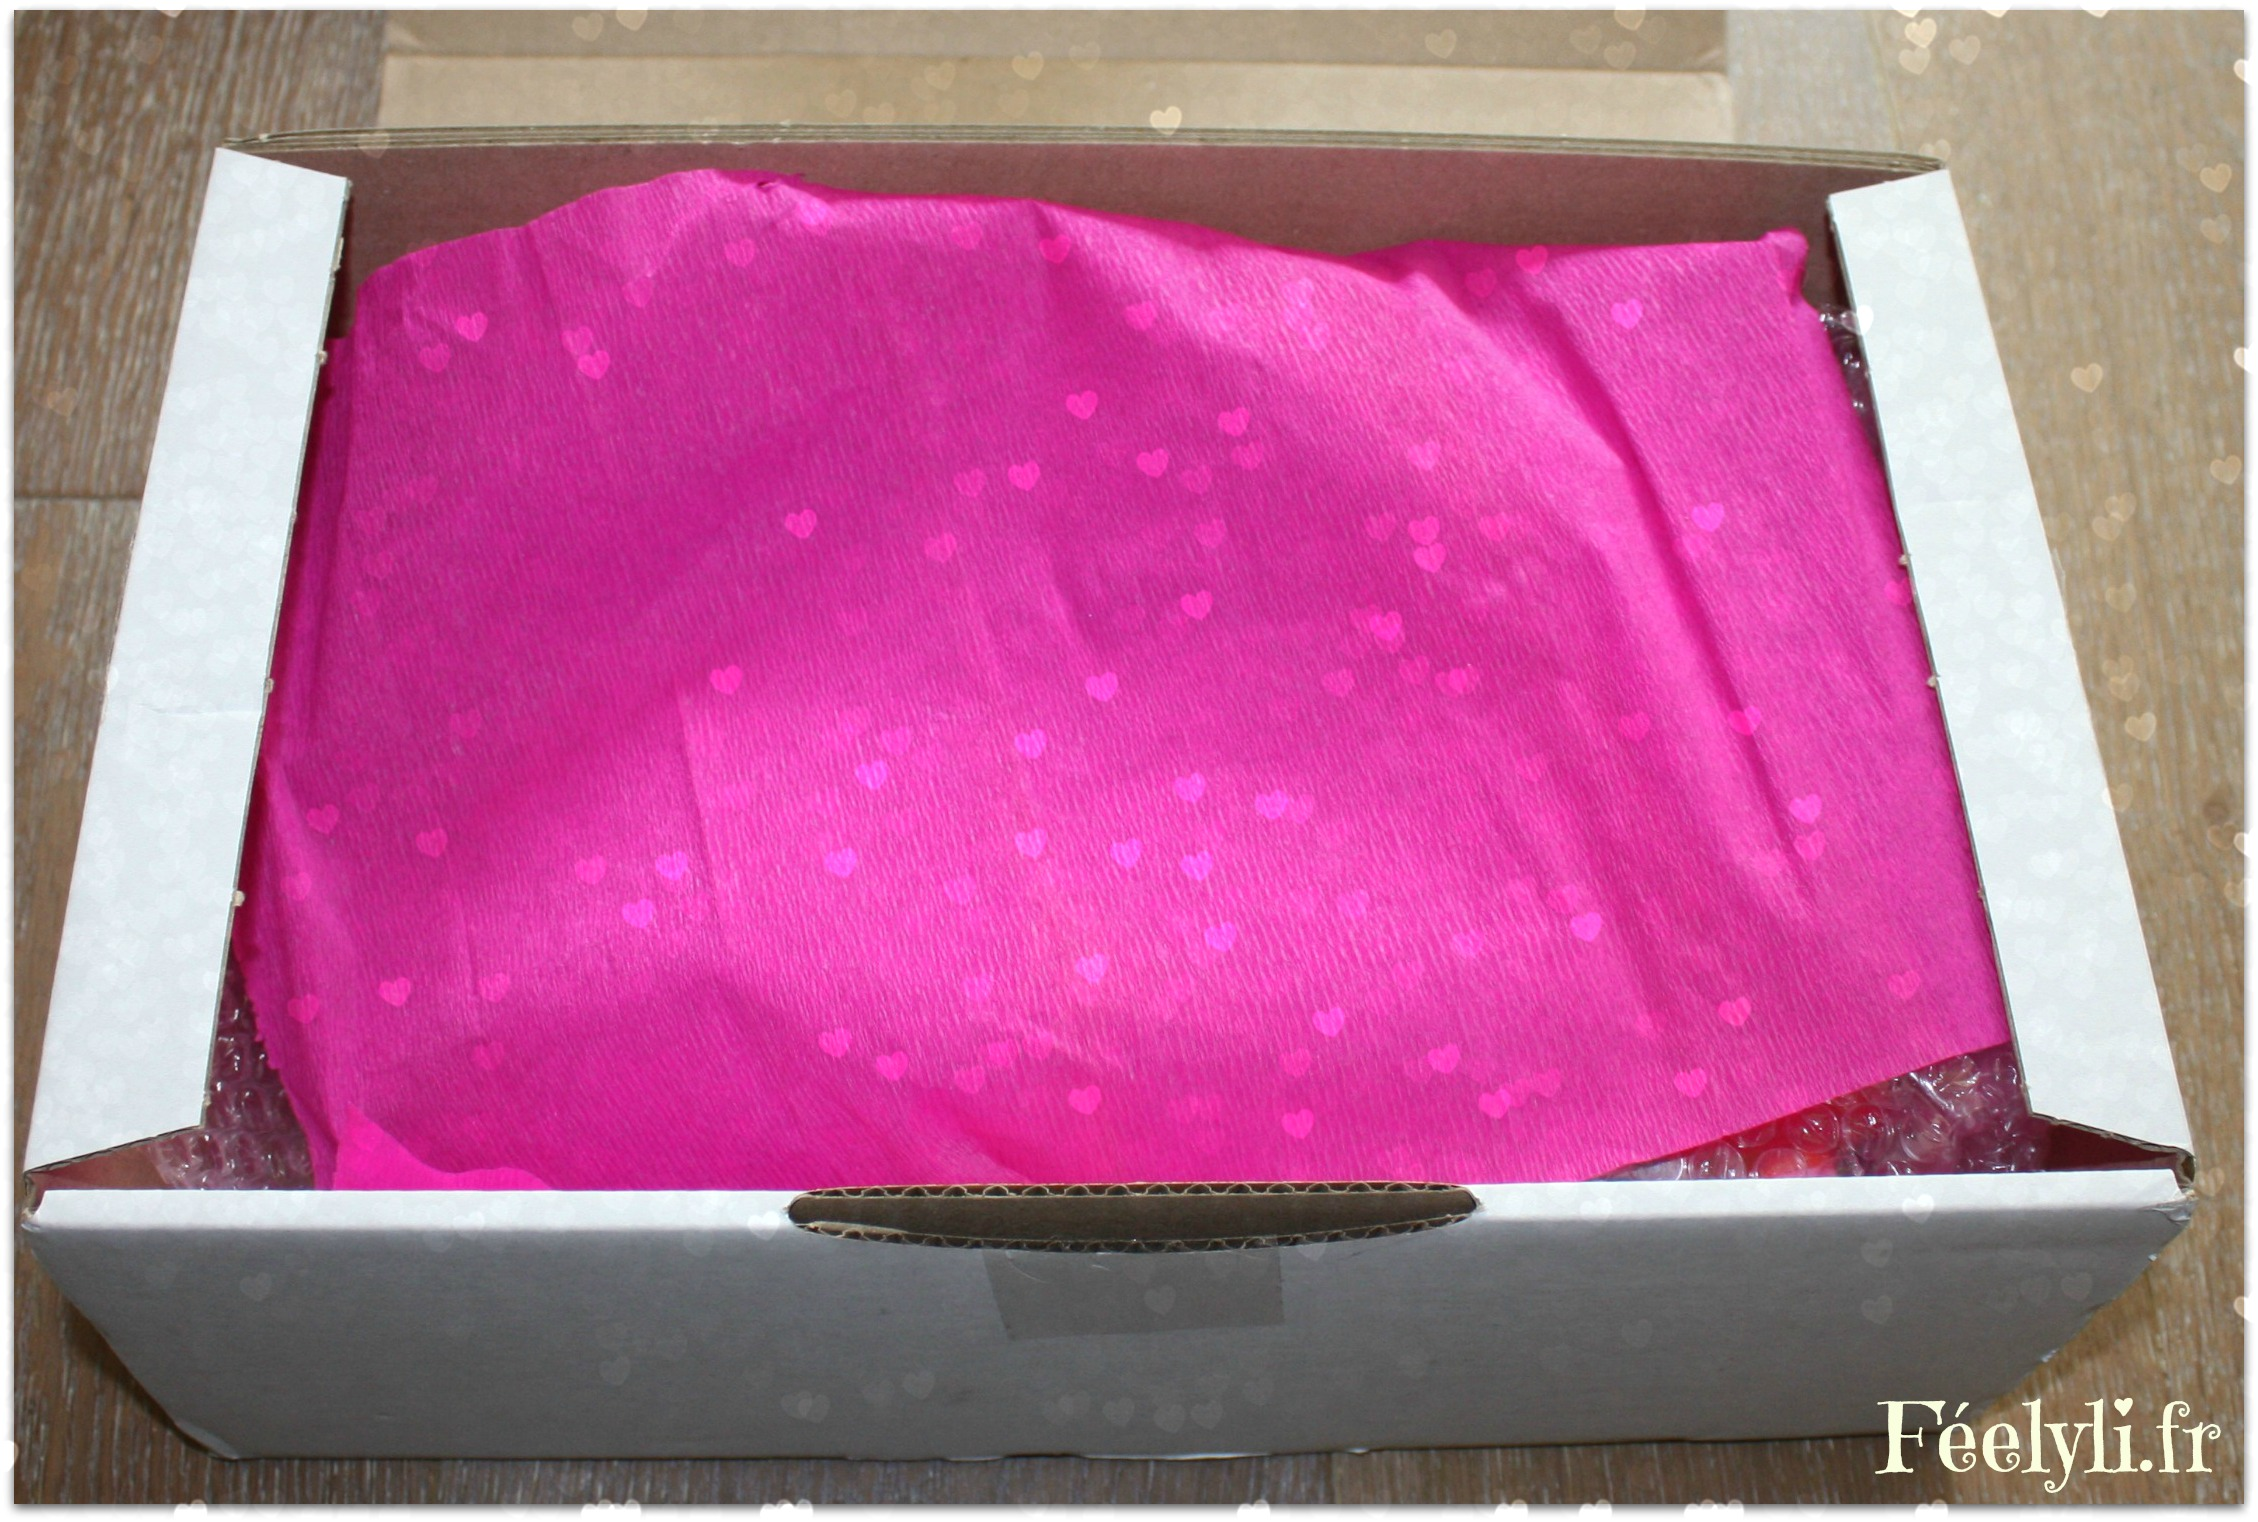 box de pandore 1